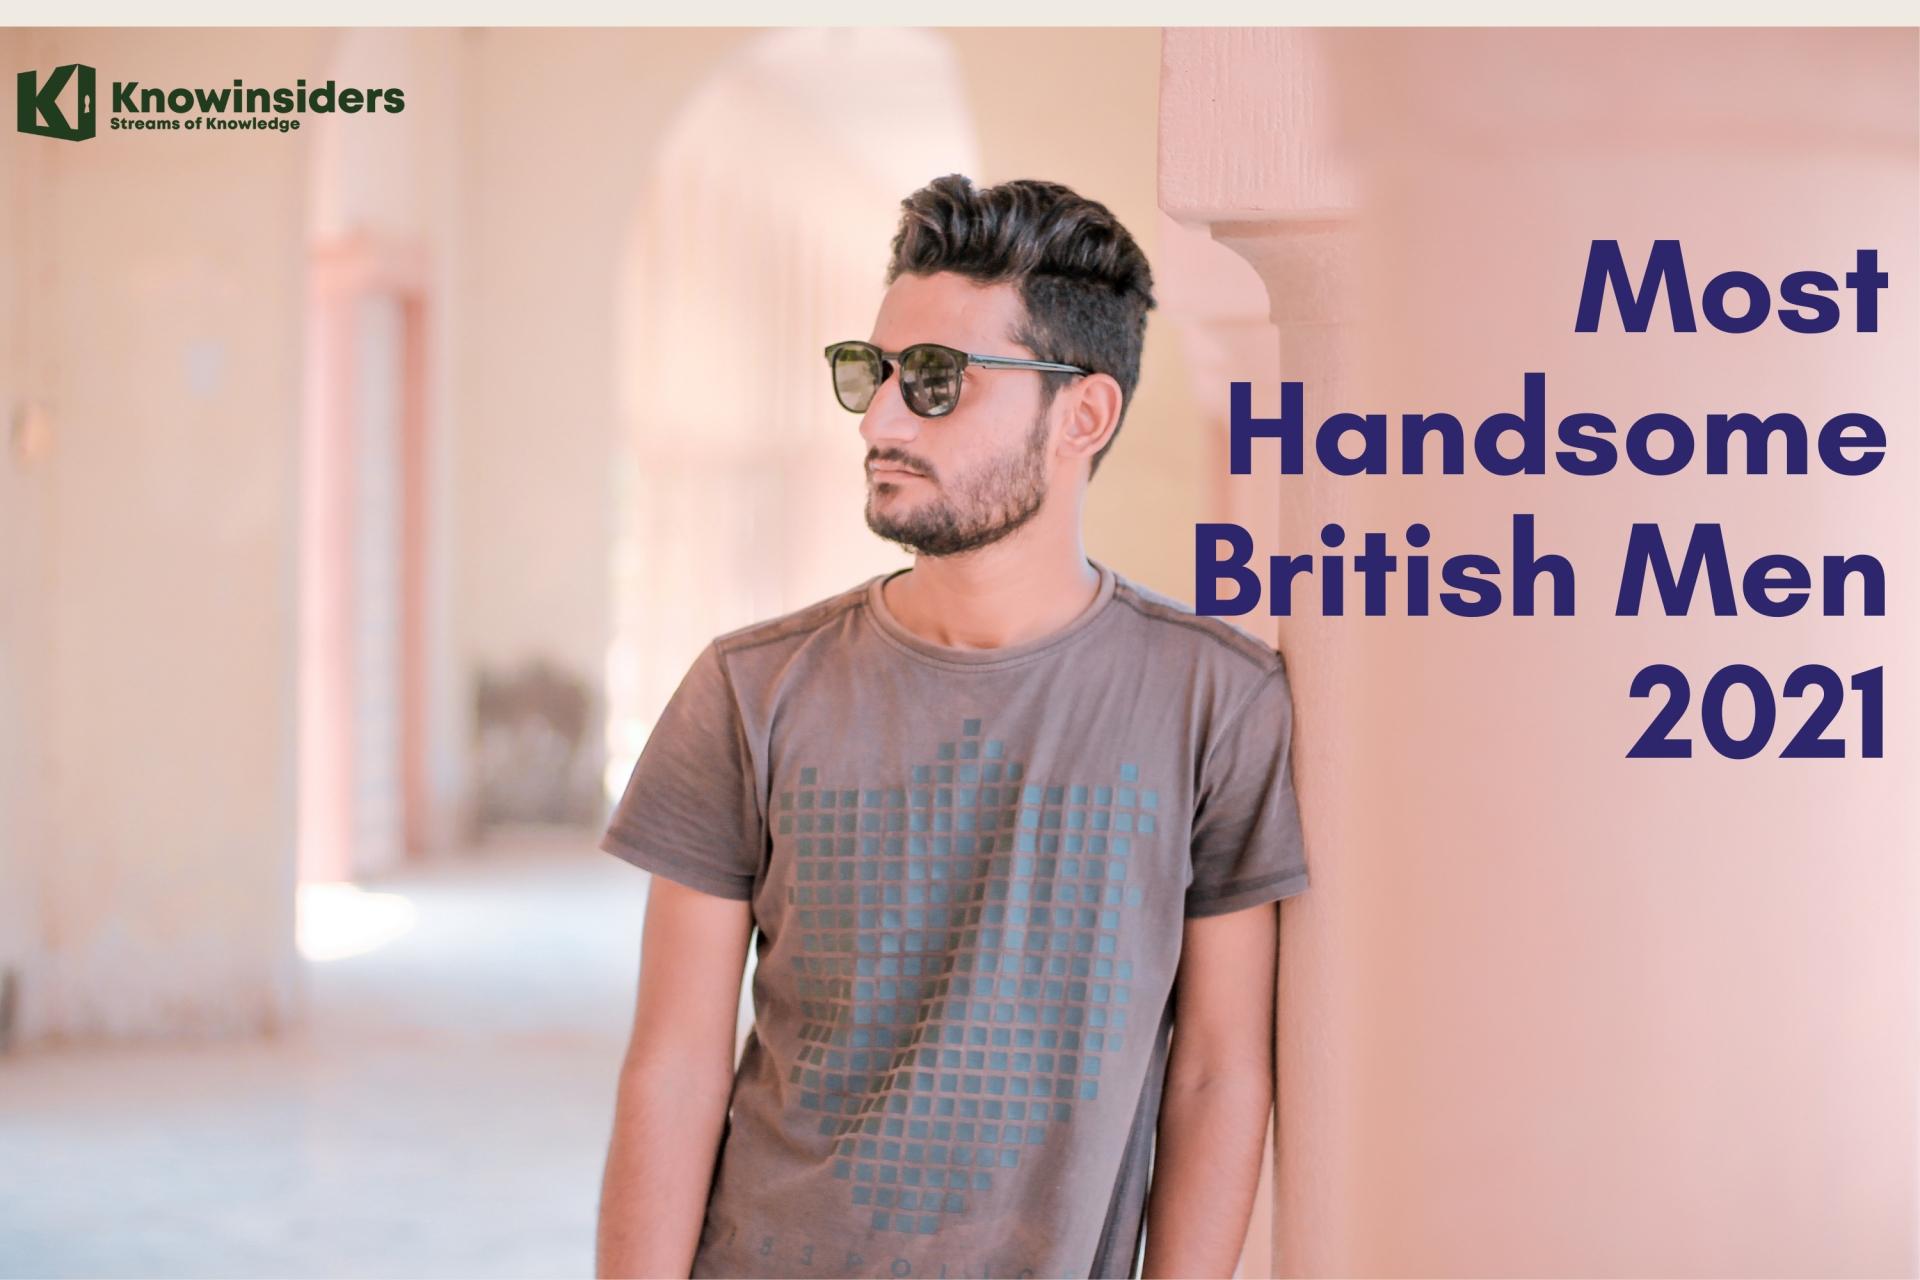 Top 10 Most Handsome British Men In 2021